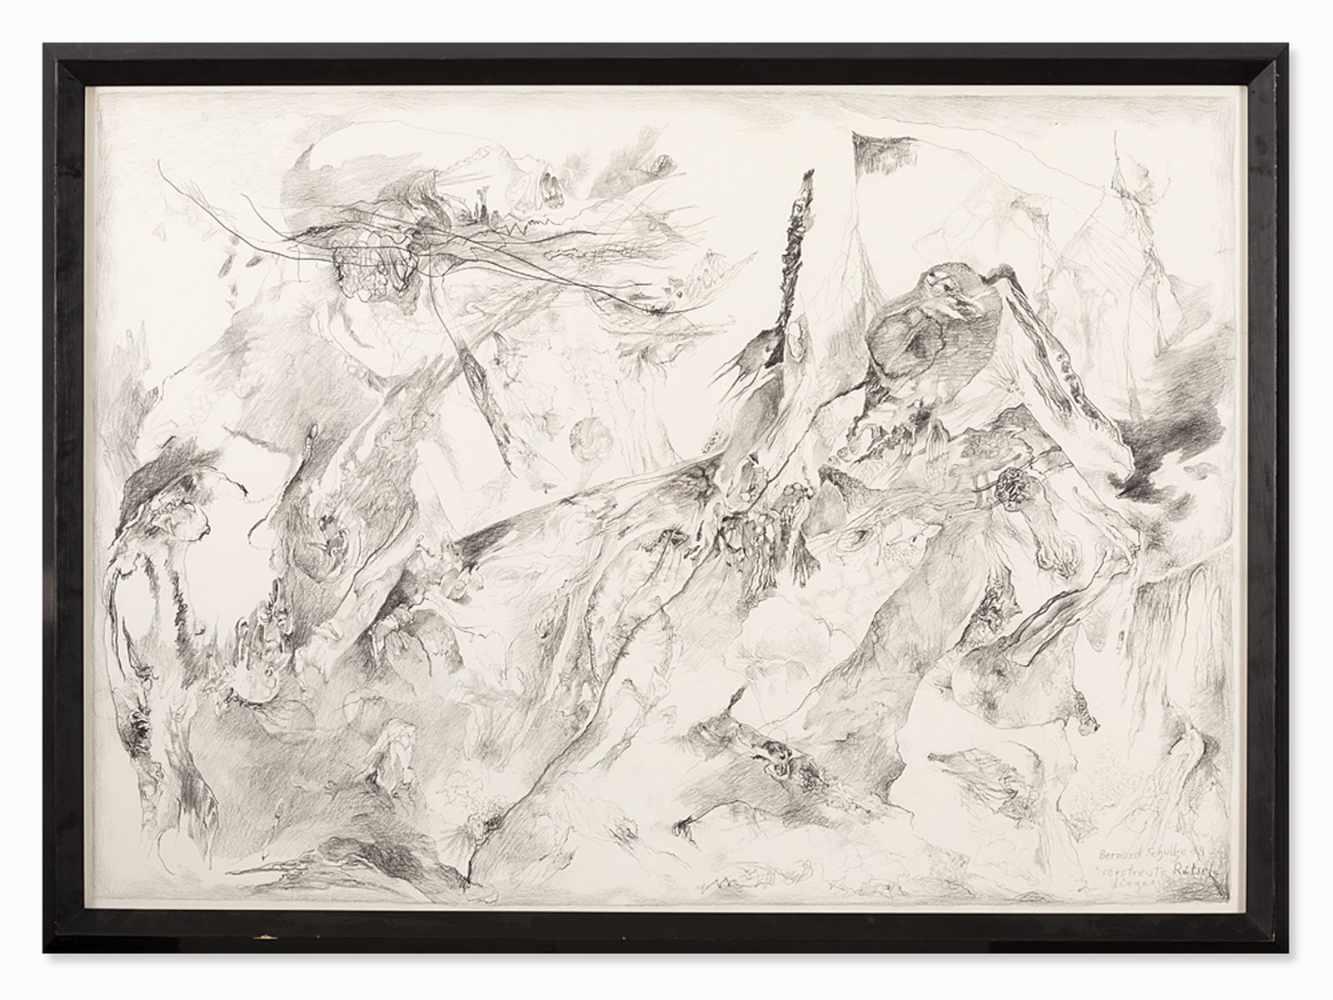 Vente Contemporary Art chez Amadeus Auction : 144 lots